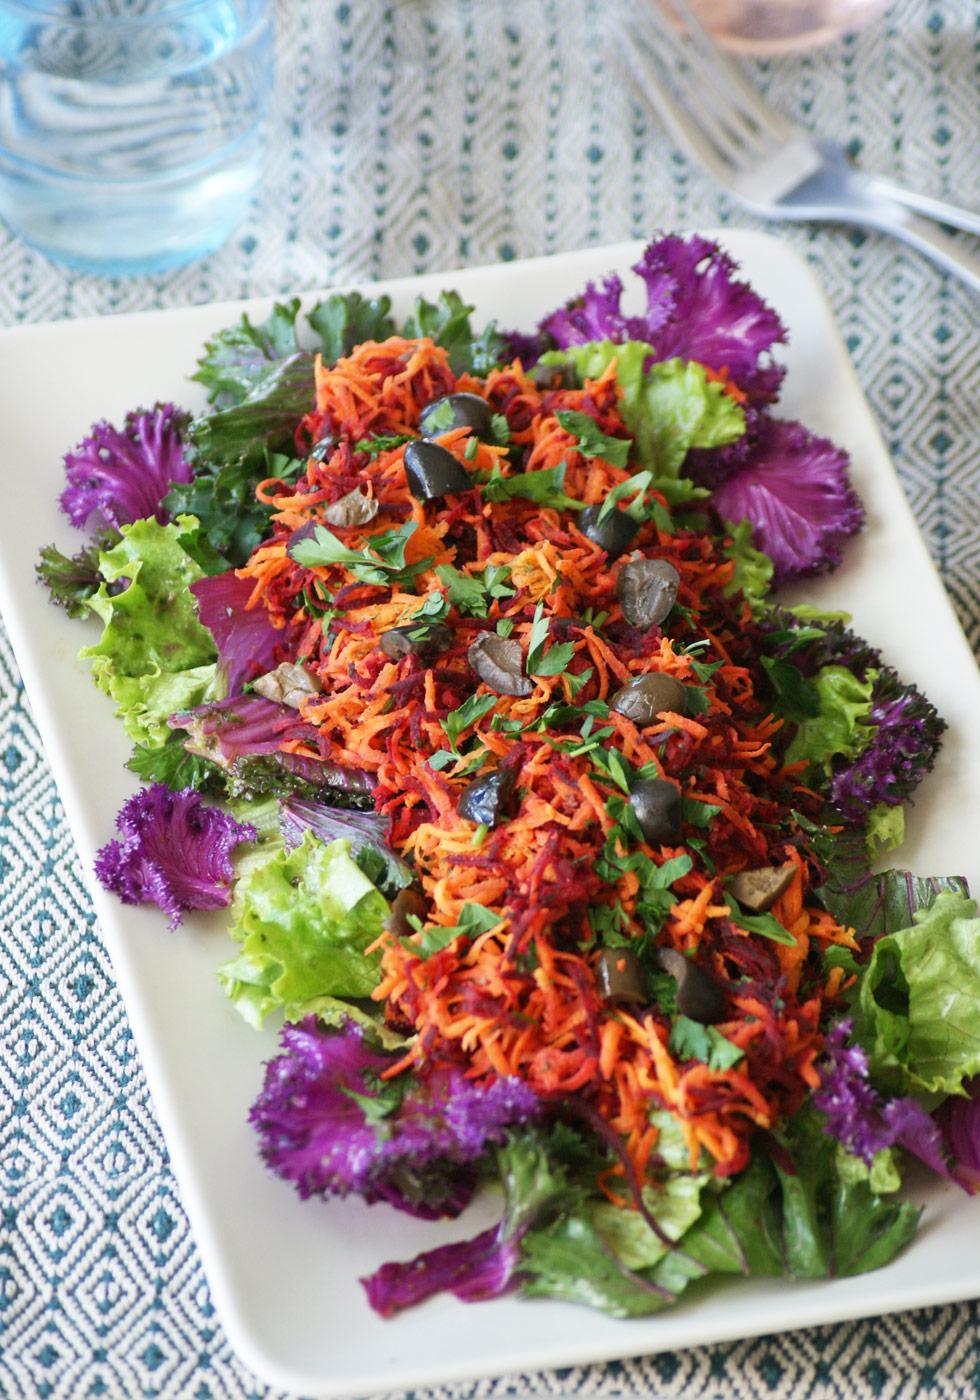 Foodflo-Moroccan-Beet-Carrot-Salad